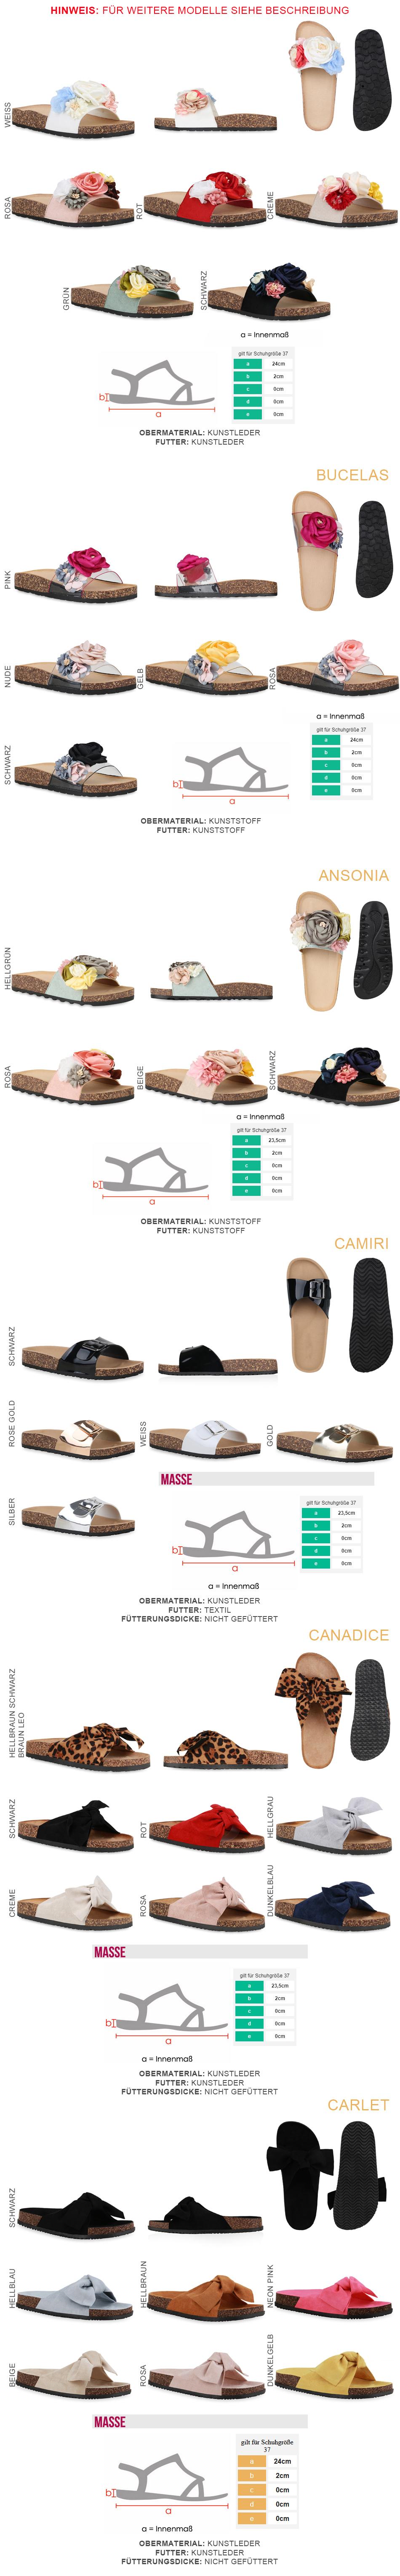 Details zu Damen Sandalen Pantoletten Blumen Schlappen Hausschuhe Flats 826456 Trendy Neu